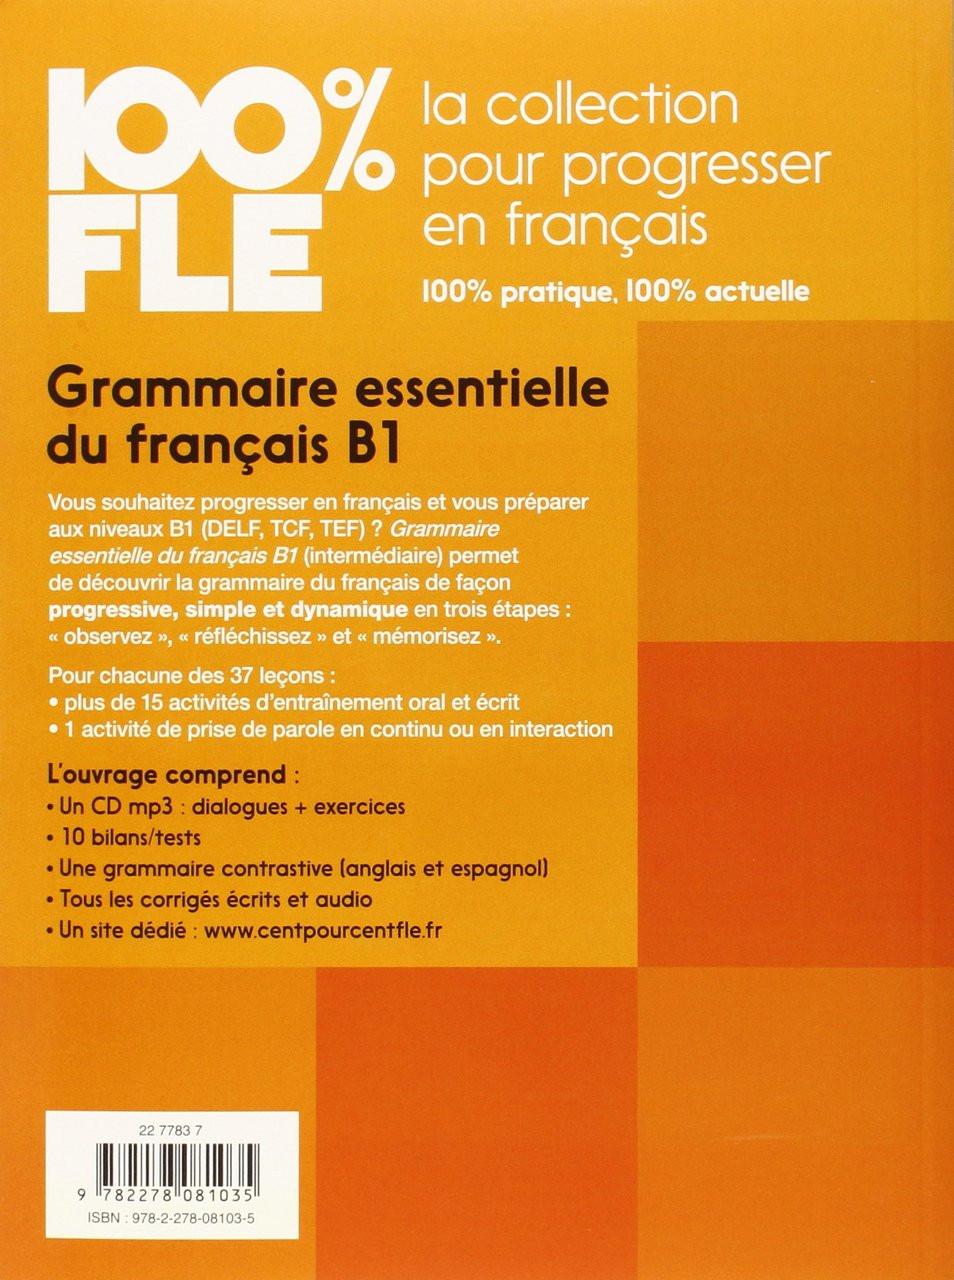 100 Fle Grammaire Essentielle Francais B1 Livre Cdmp3